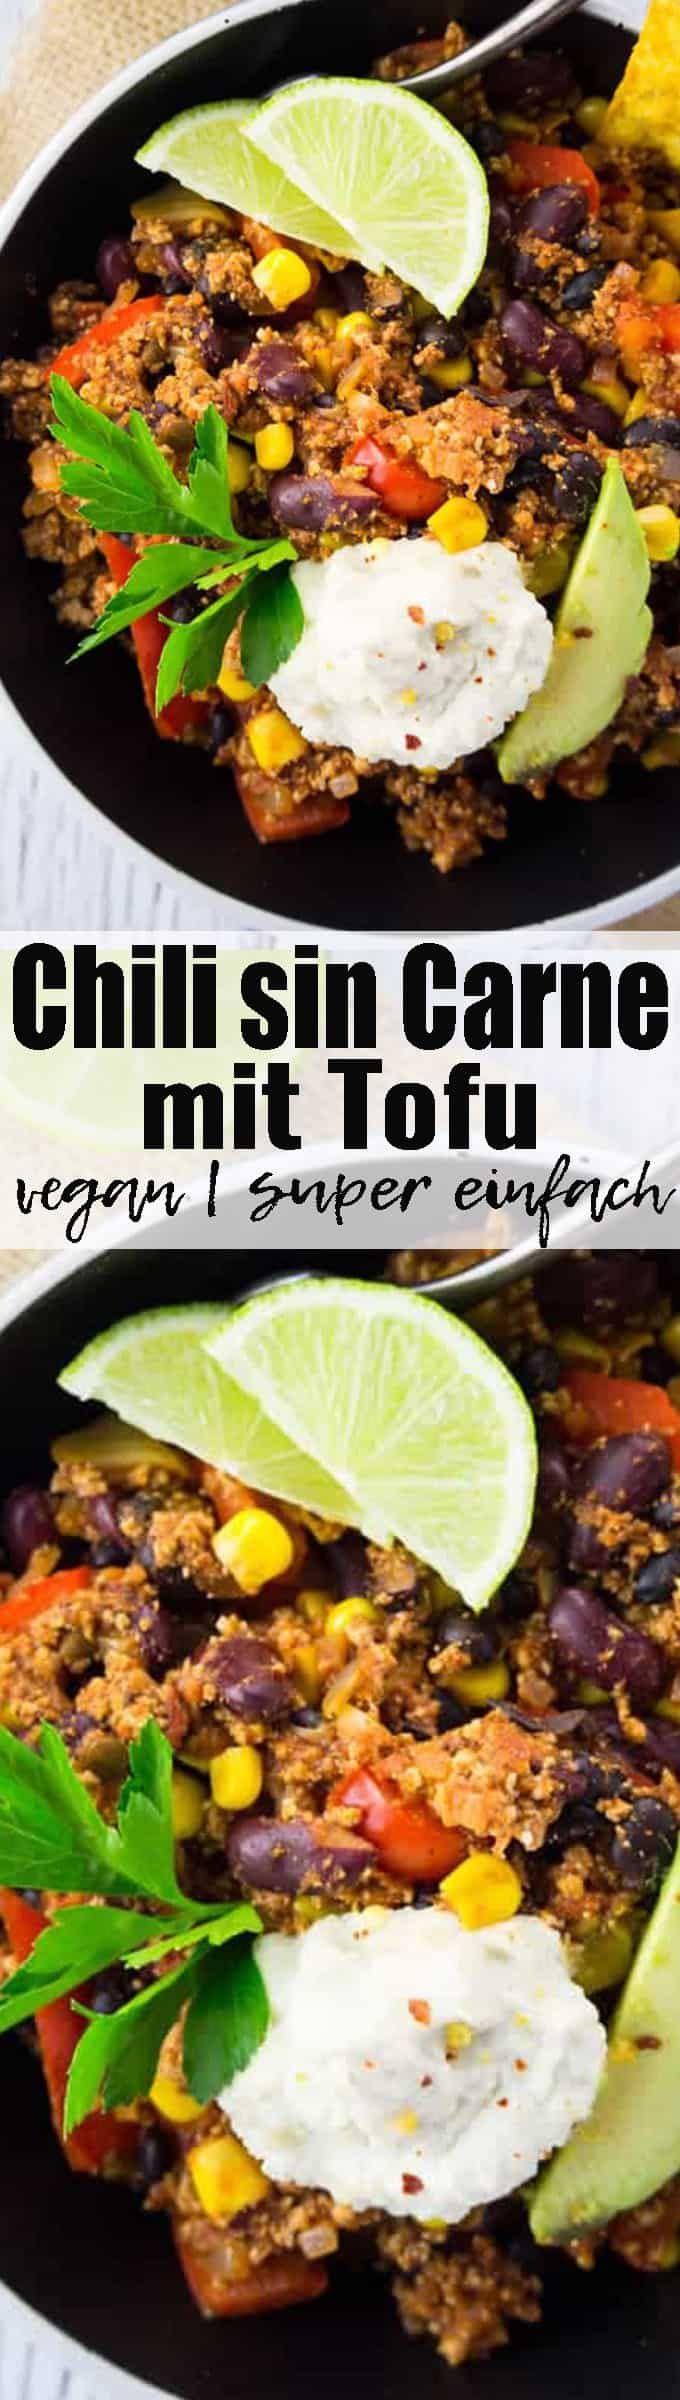 Dieses Chili sin Carne mit Tofu und Kidneybohnen ist eine richtige Proteinbombe! Vegan und super einfach zuzubereiten! Gesunde Rezepte können so lecker sein! Mehr vegane Rezepte auf veganheaven.de !  via @veganheavende